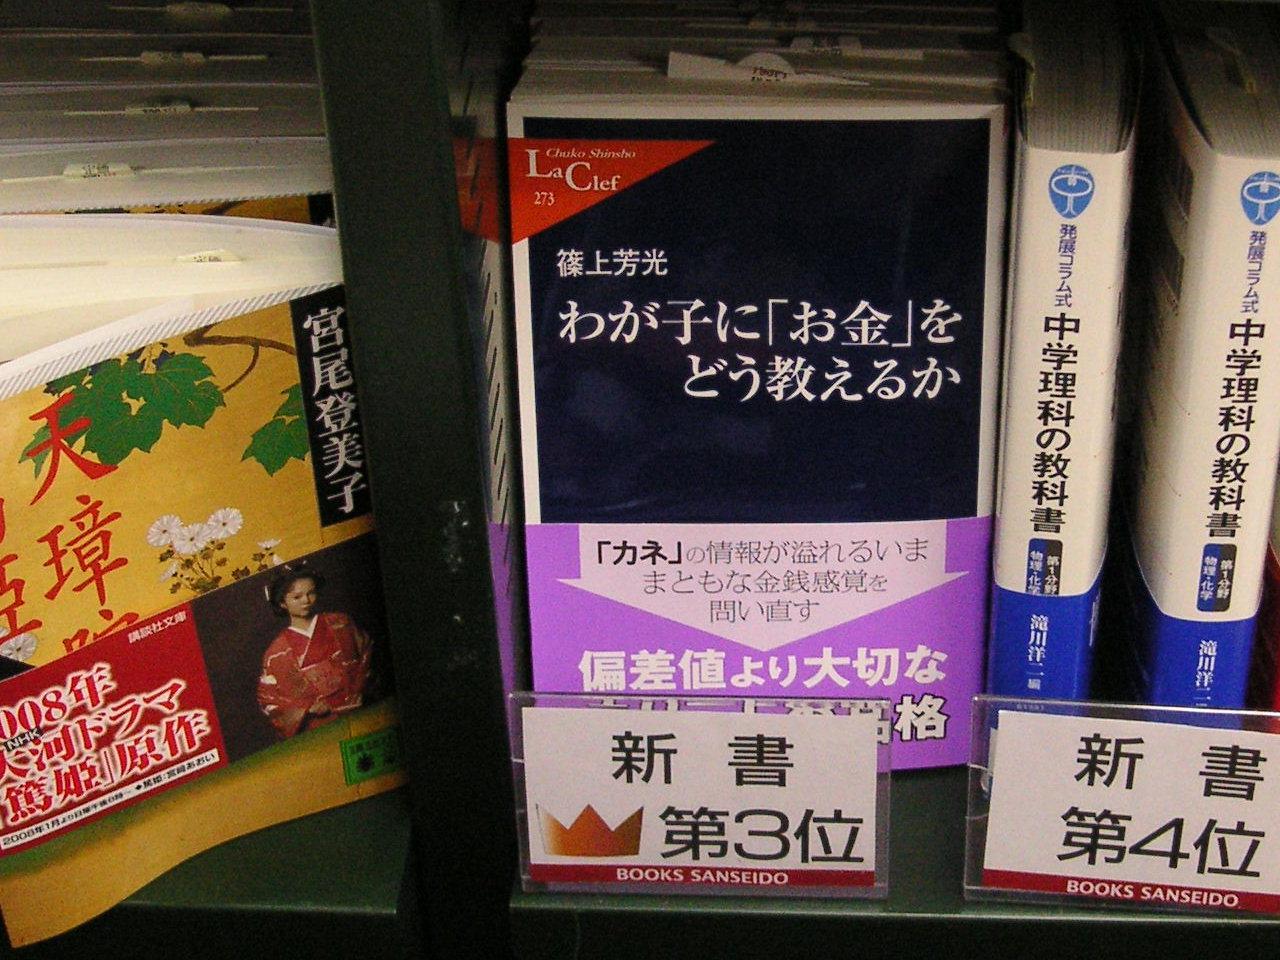 大学受験問題・大学受験公開模試の本文にも引用されました。